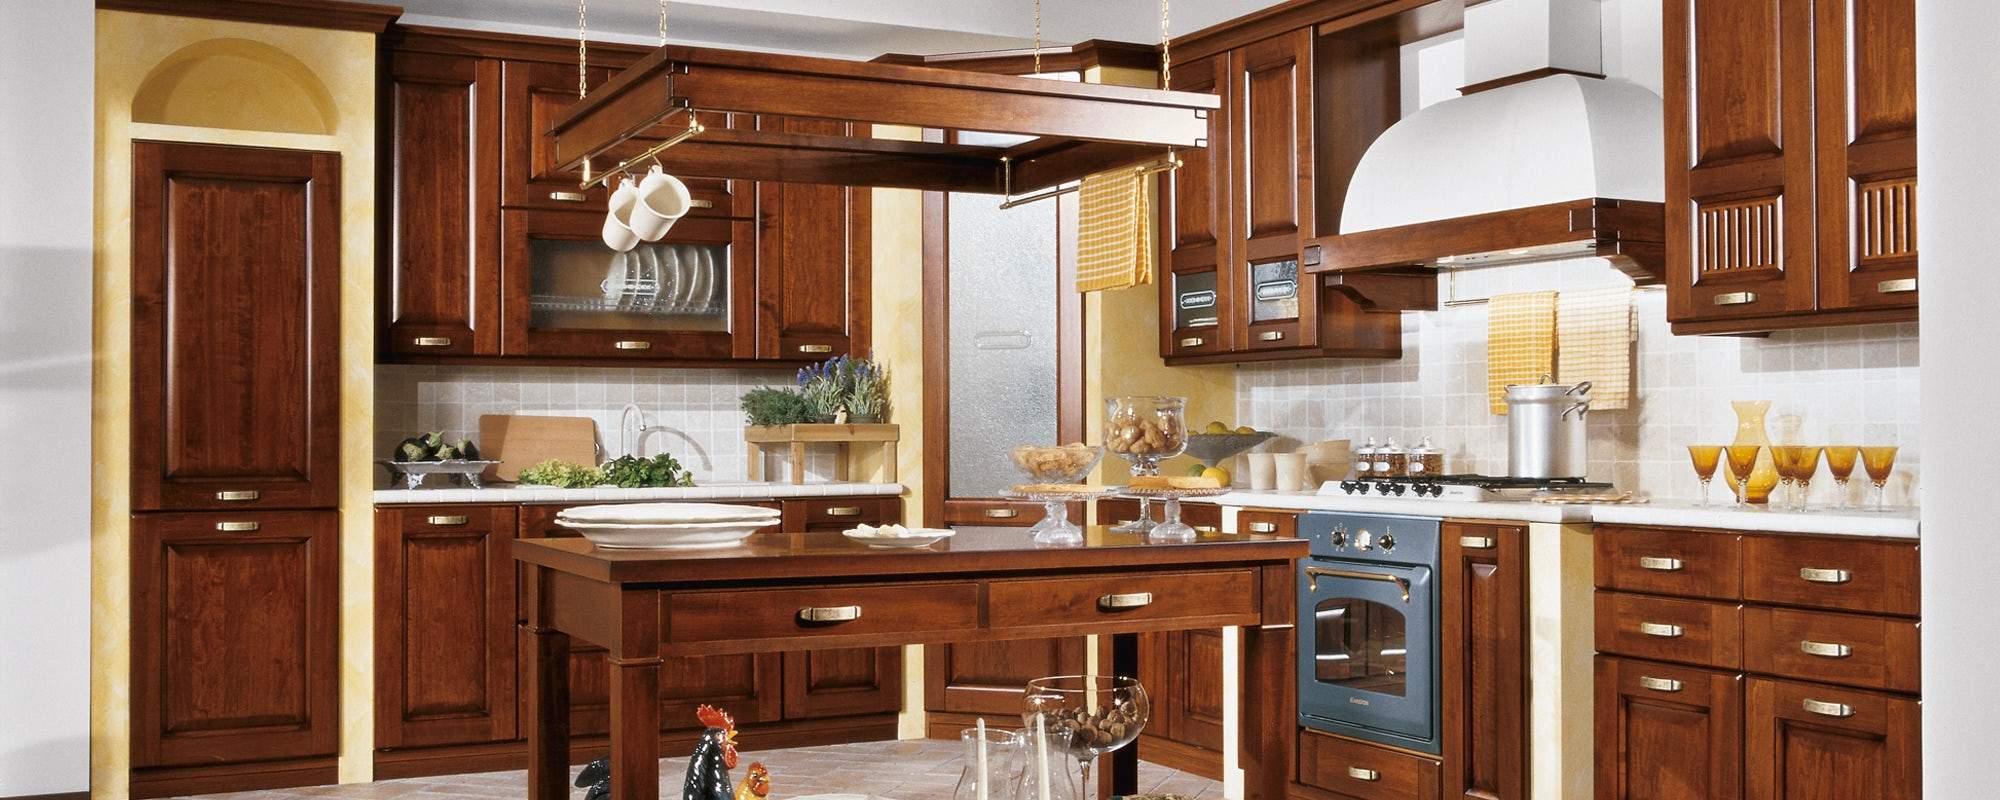 Malaga de simon arredamenti for Cucine classiche